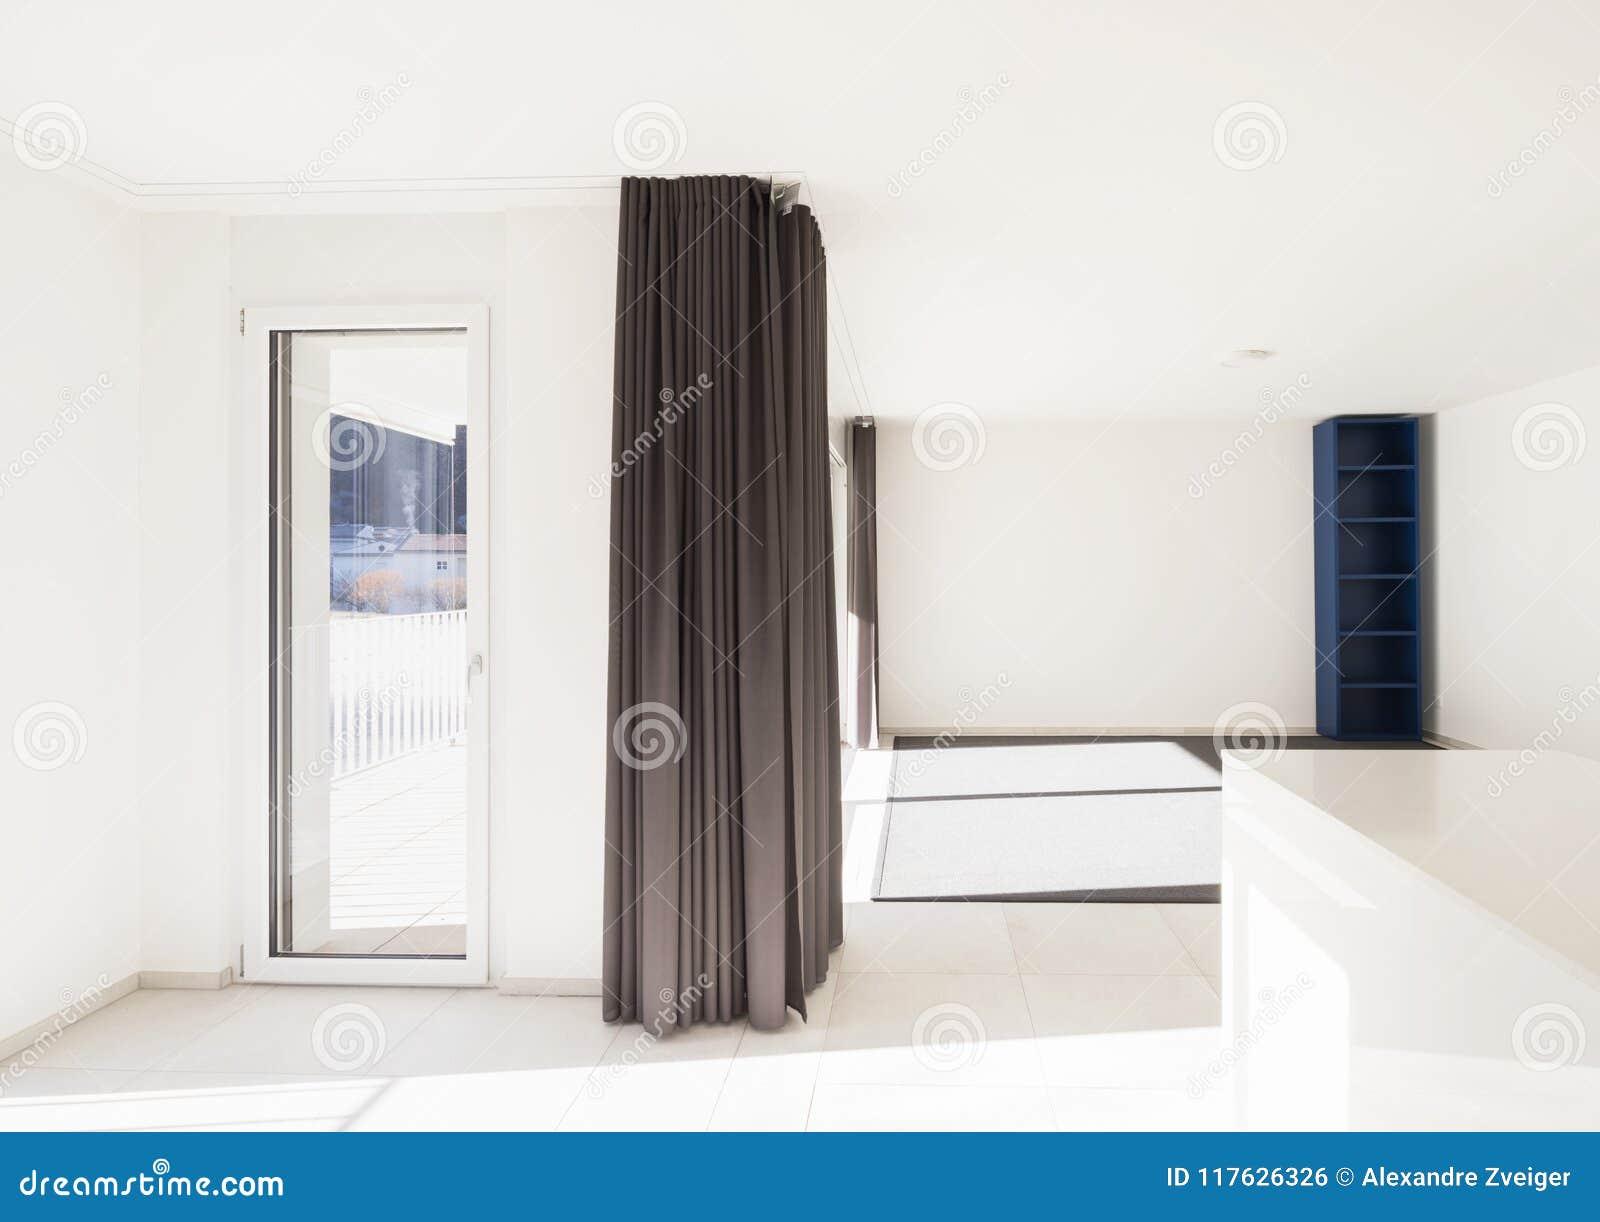 Moderner Offener Raum Mit Wohnzimmer Und Küche Stockfoto - Bild von ...